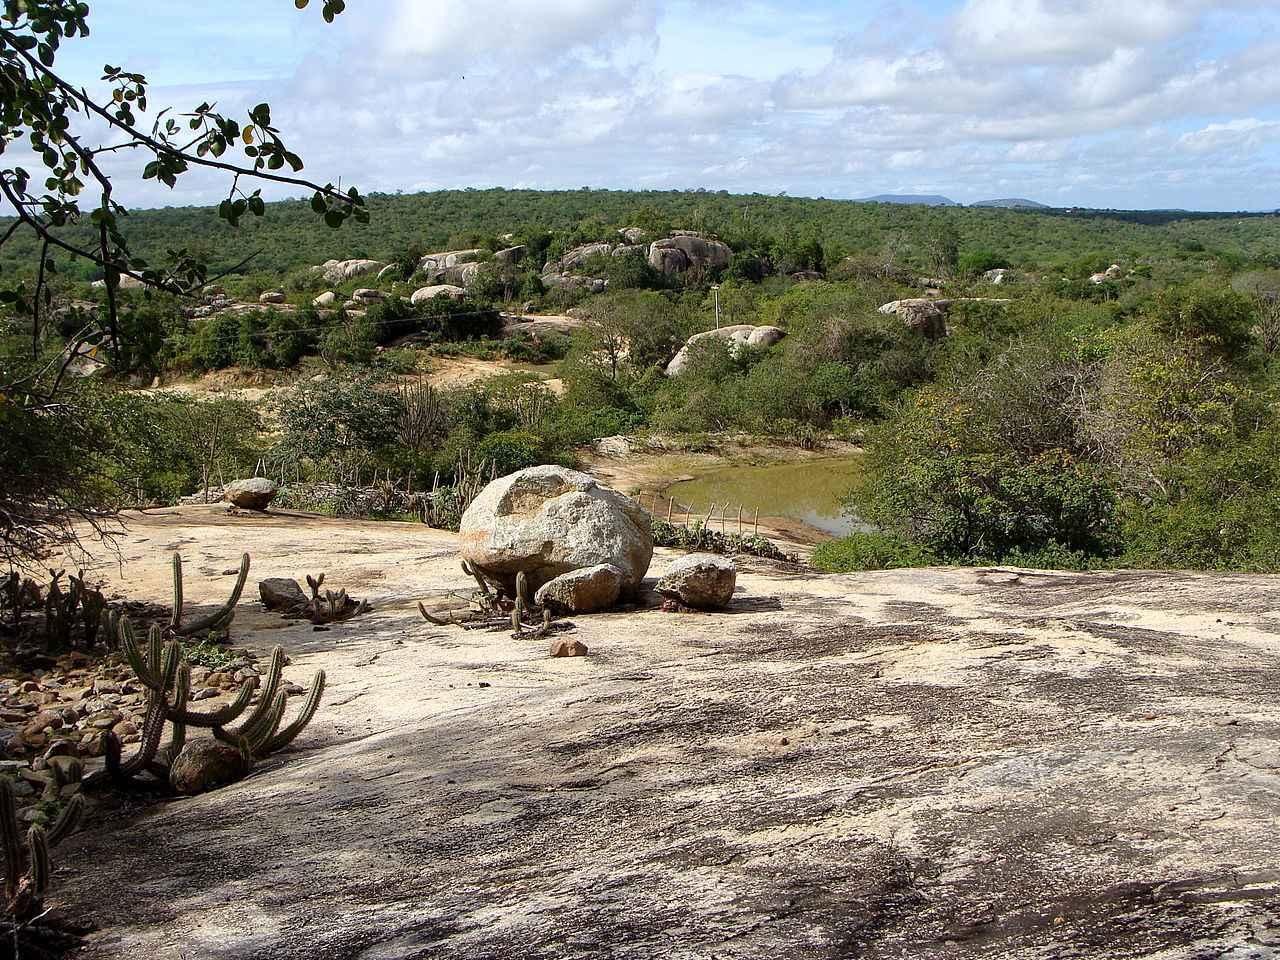 Ambiente de caatinga em estação chuvosa no município de Boa Vista, na Paraíba: